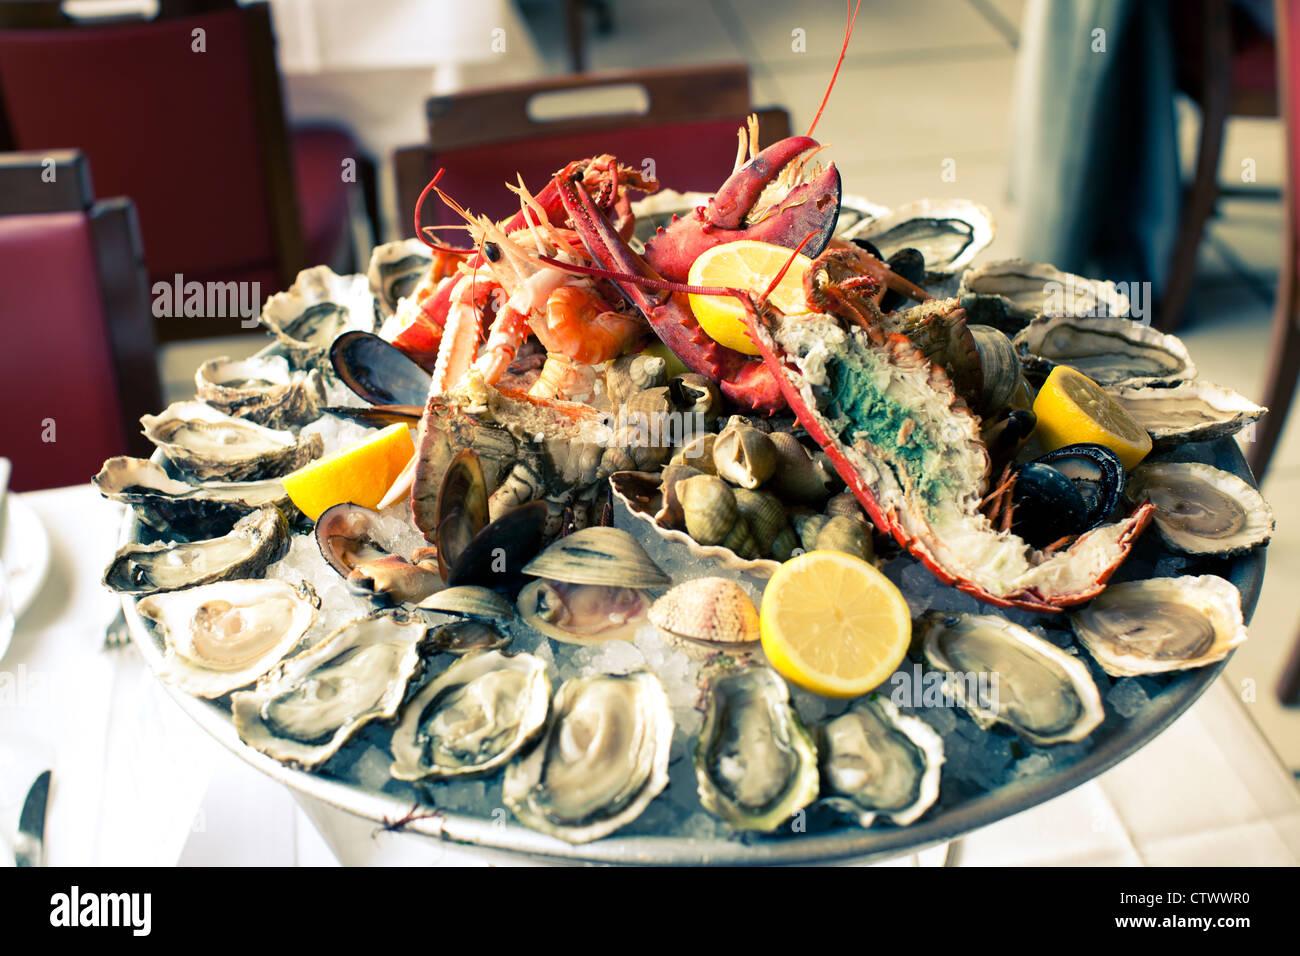 Wepler Seafood Restaurant Place De Clichy Paris France Stock